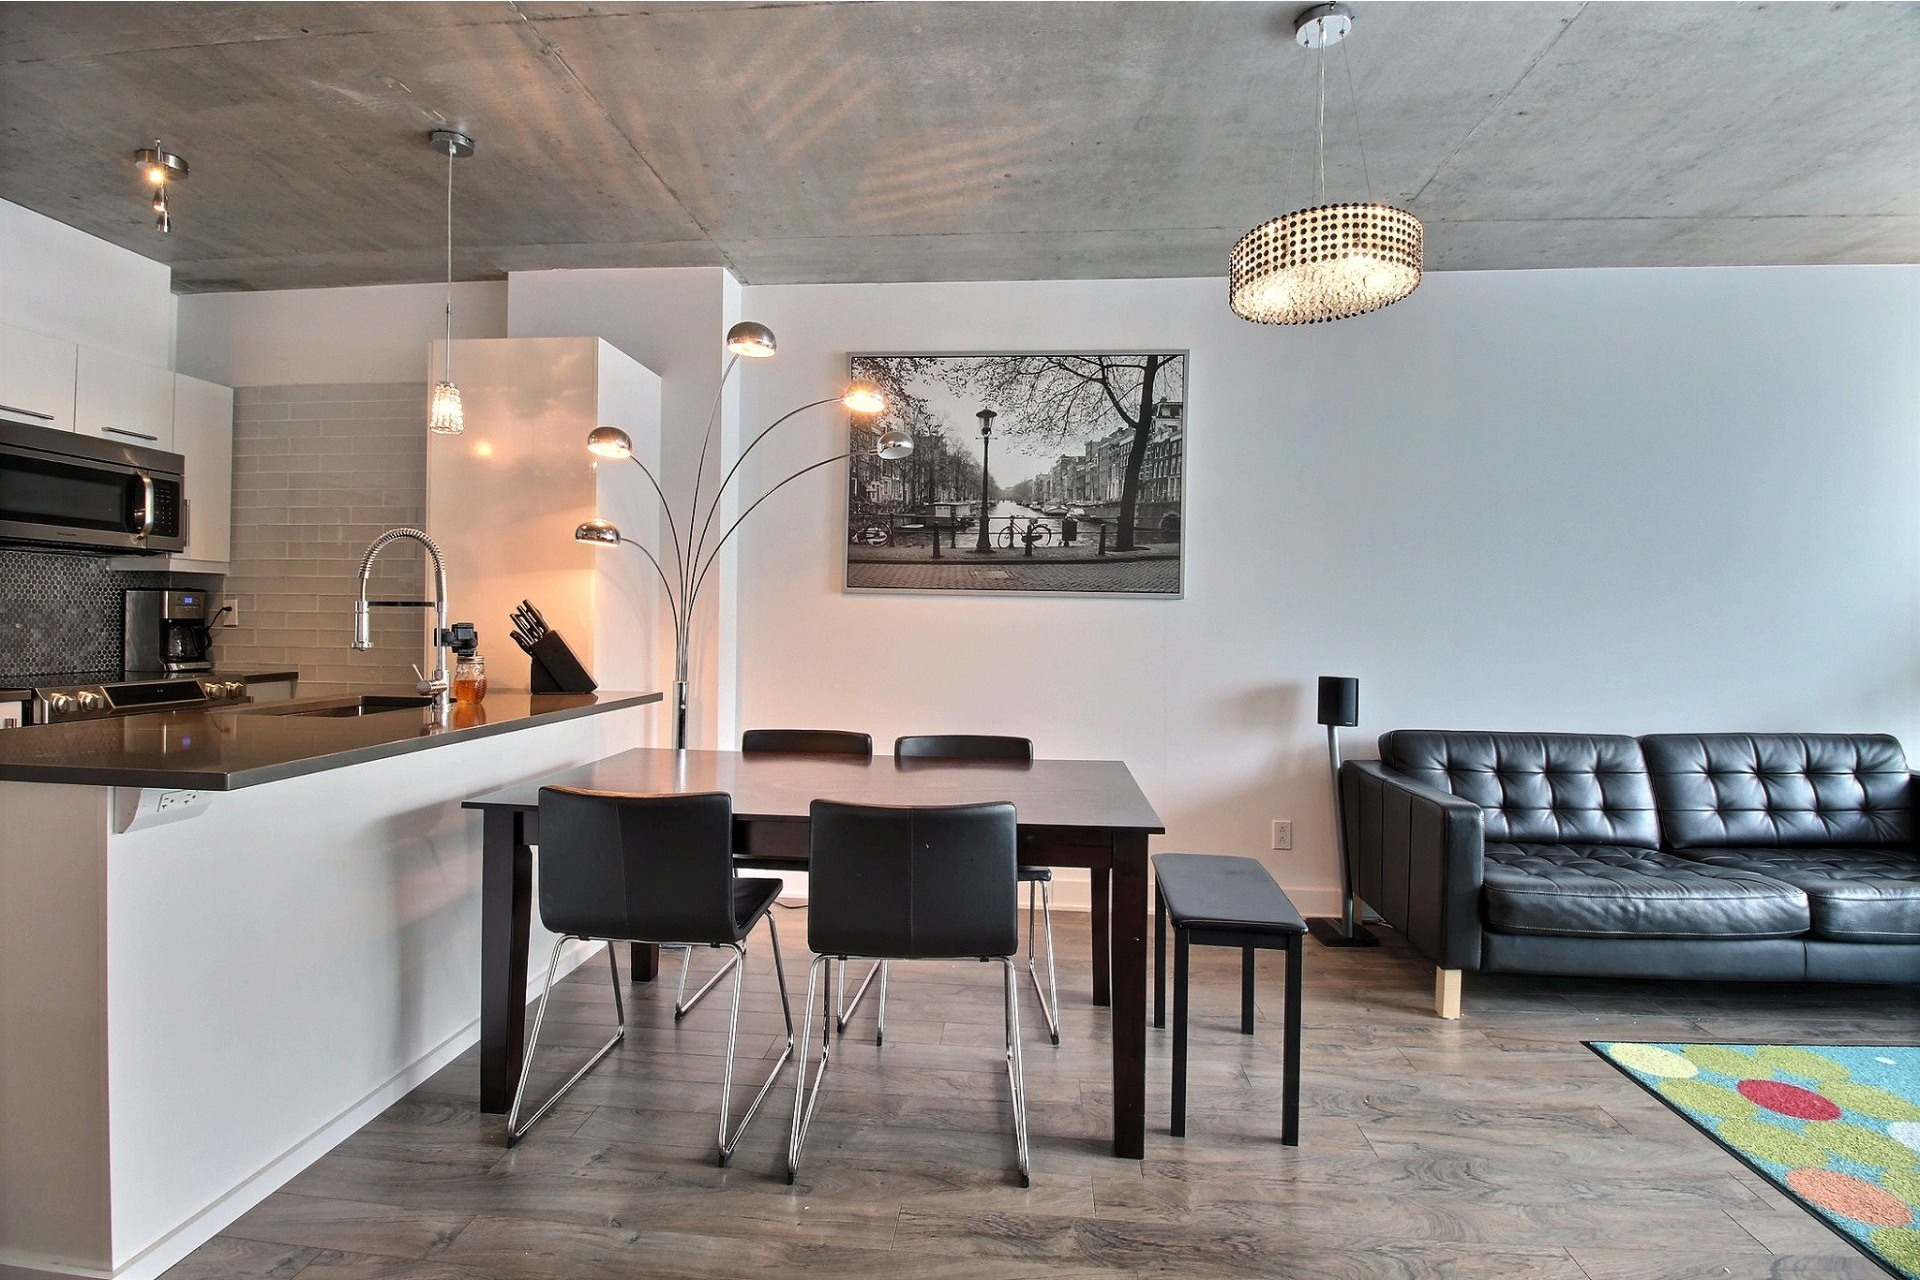 image 4 - Apartment For rent Montréal Le Sud-Ouest  - 6 rooms